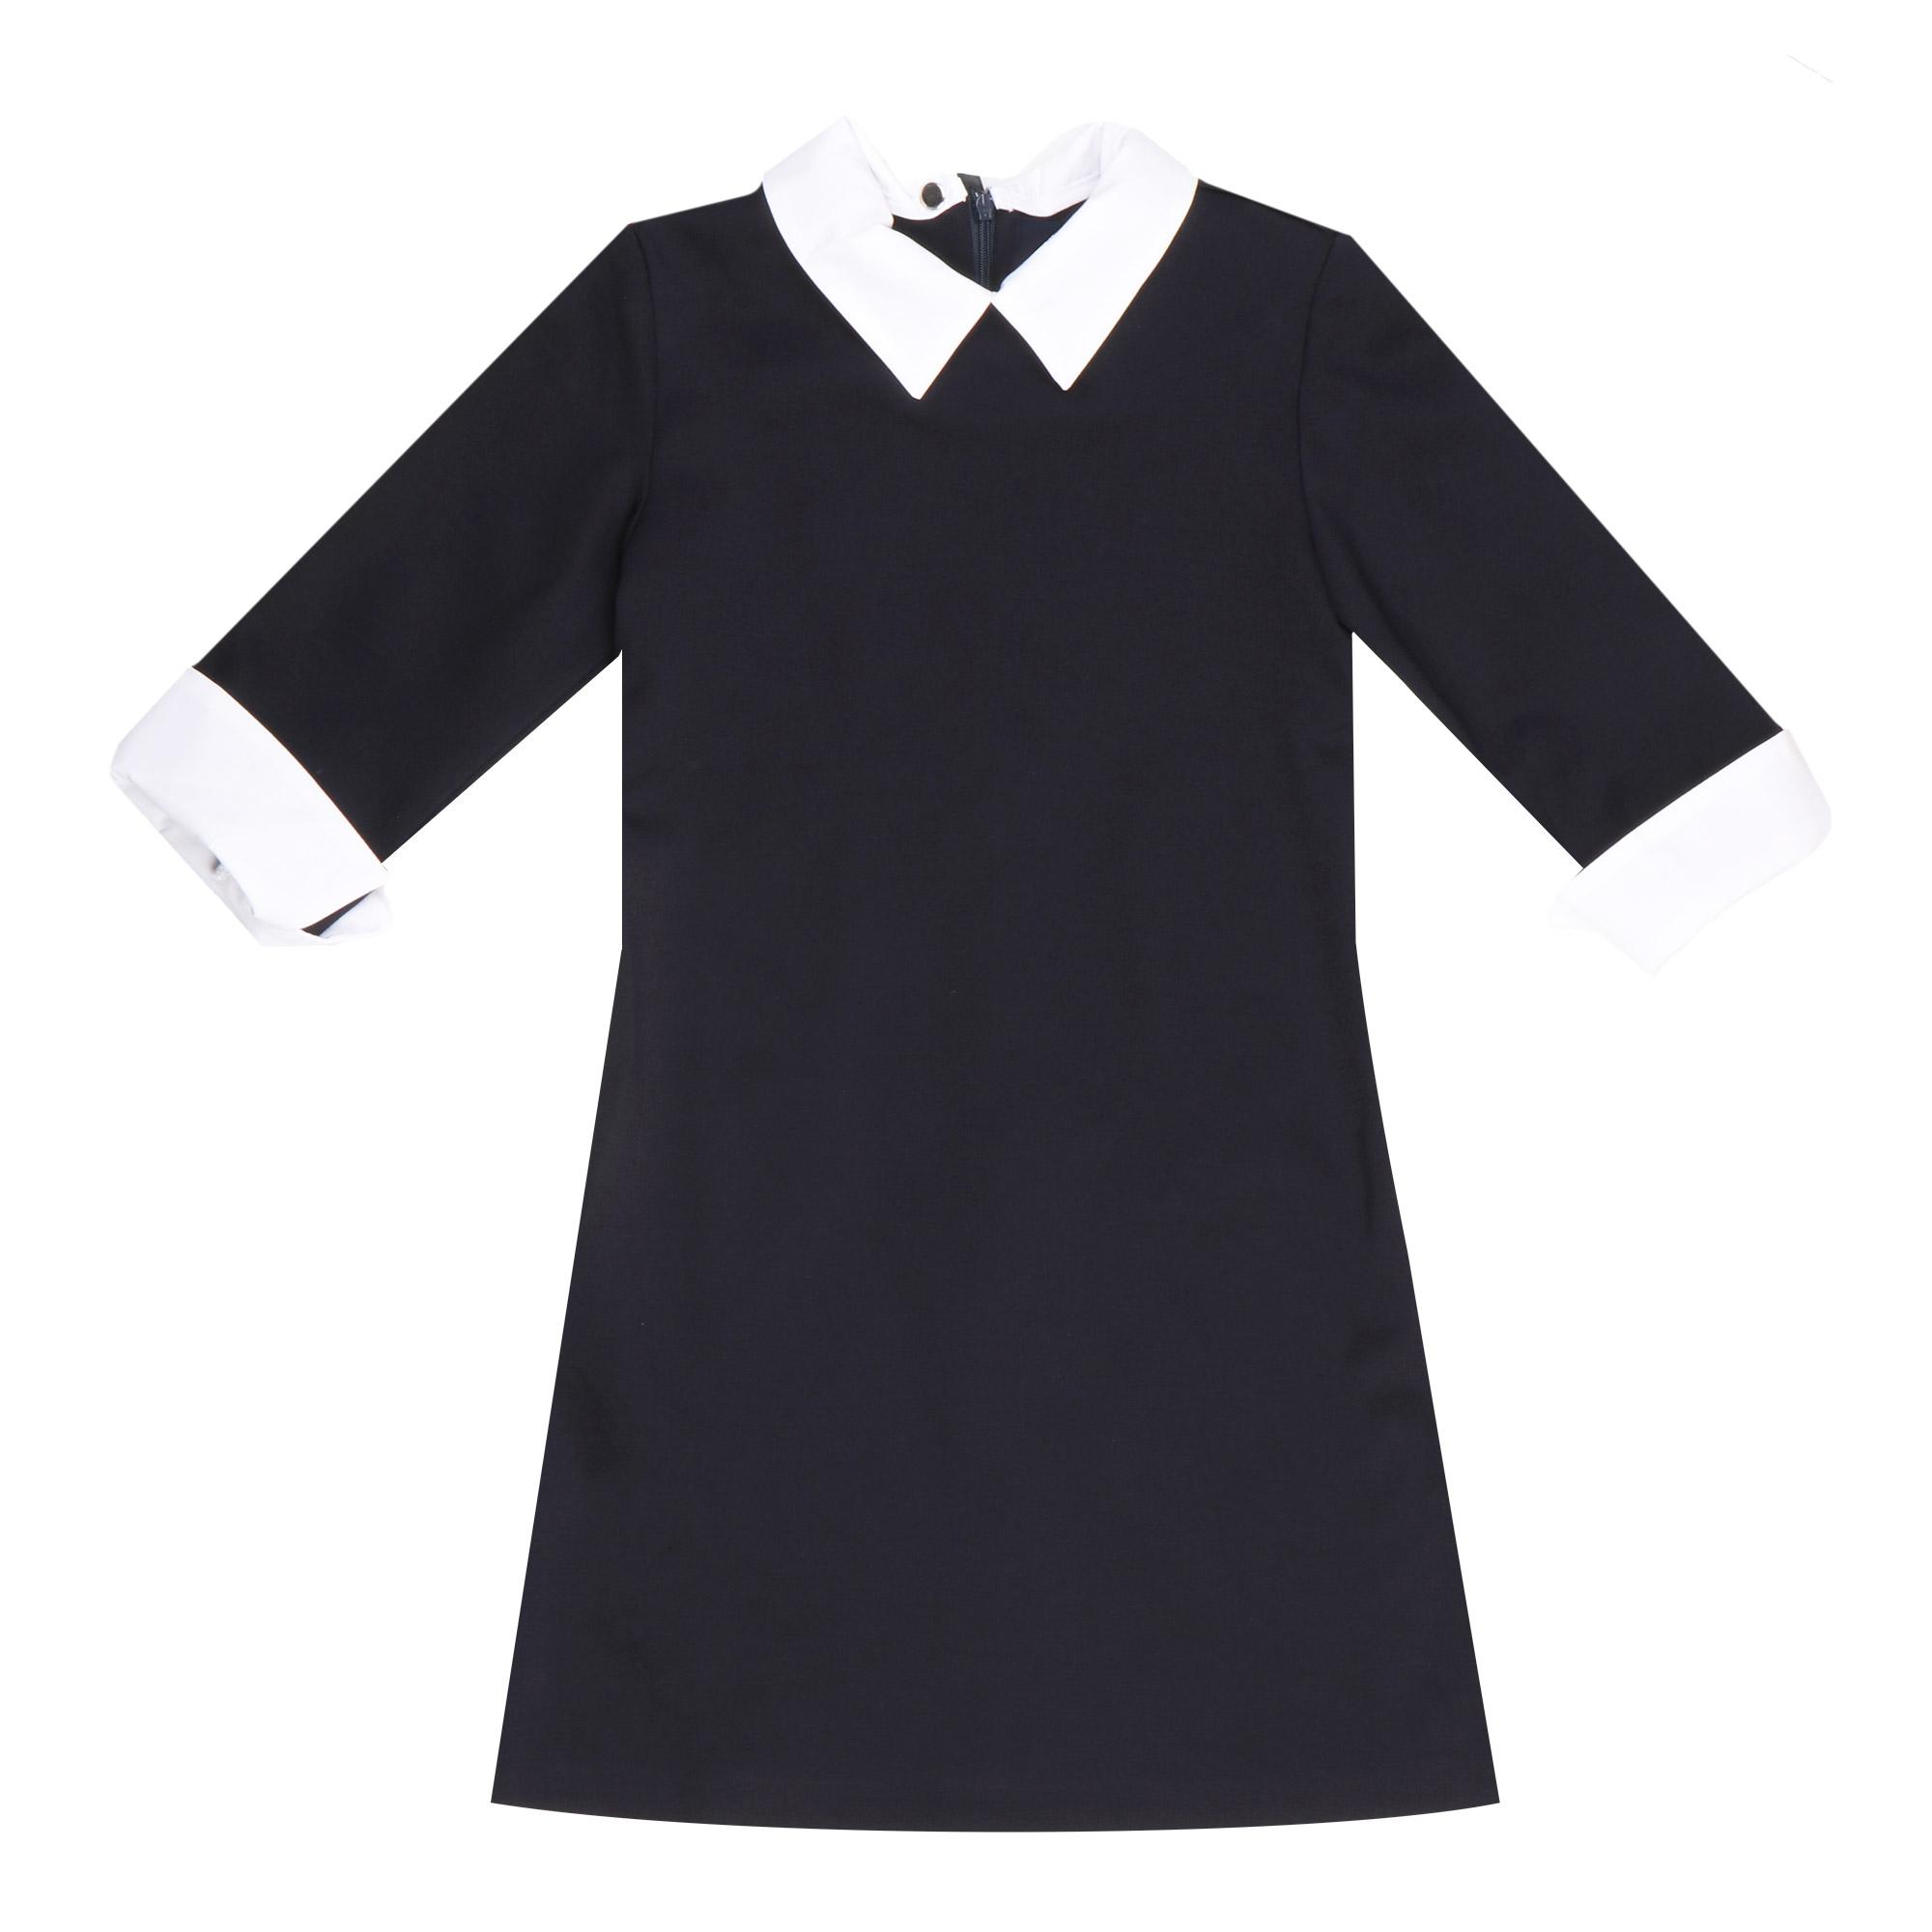 Купить Платье трикотажное Смена синее 134/64, Smena/Смена, Синий, Основной материал: Вискоза-67%, Полиэстер-28%, Полиуретан-5% Дополнительный материал: Хлопок-55%, Полиэстер-45%, Для девочек, Всесезонный,